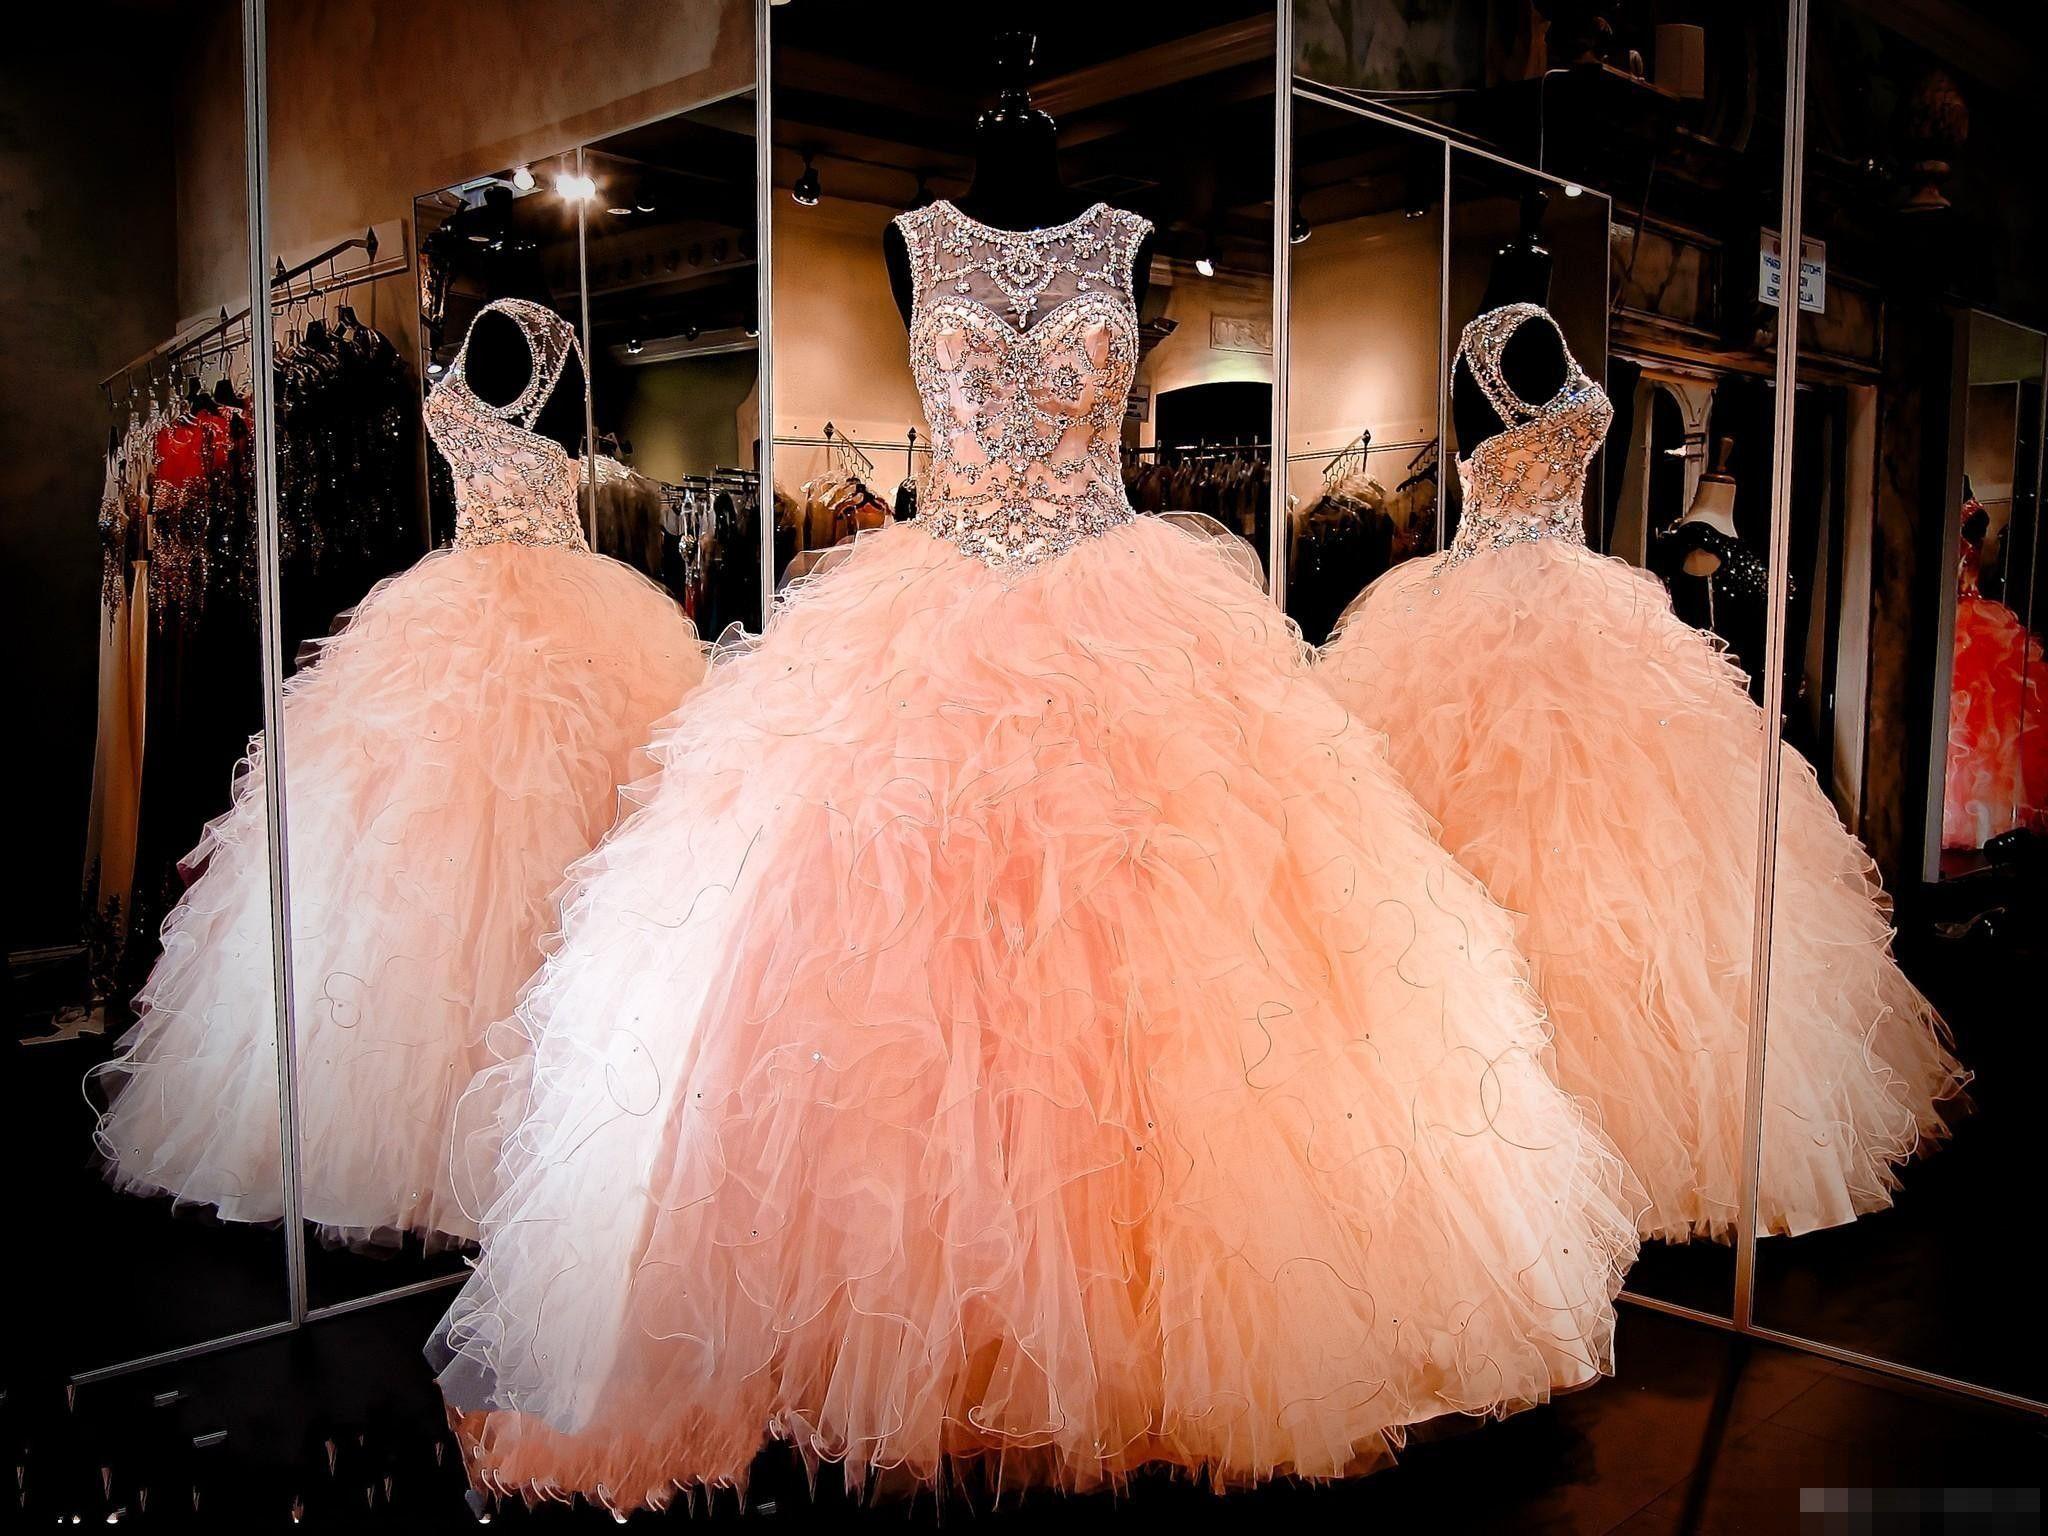 Nouveaux cristaux de strass Blush pêche Quinceanera robes Sexy Sheer Jewel Sweet 16 Volants à Volants Jupe Princesse Bal Bal Robes de soirée